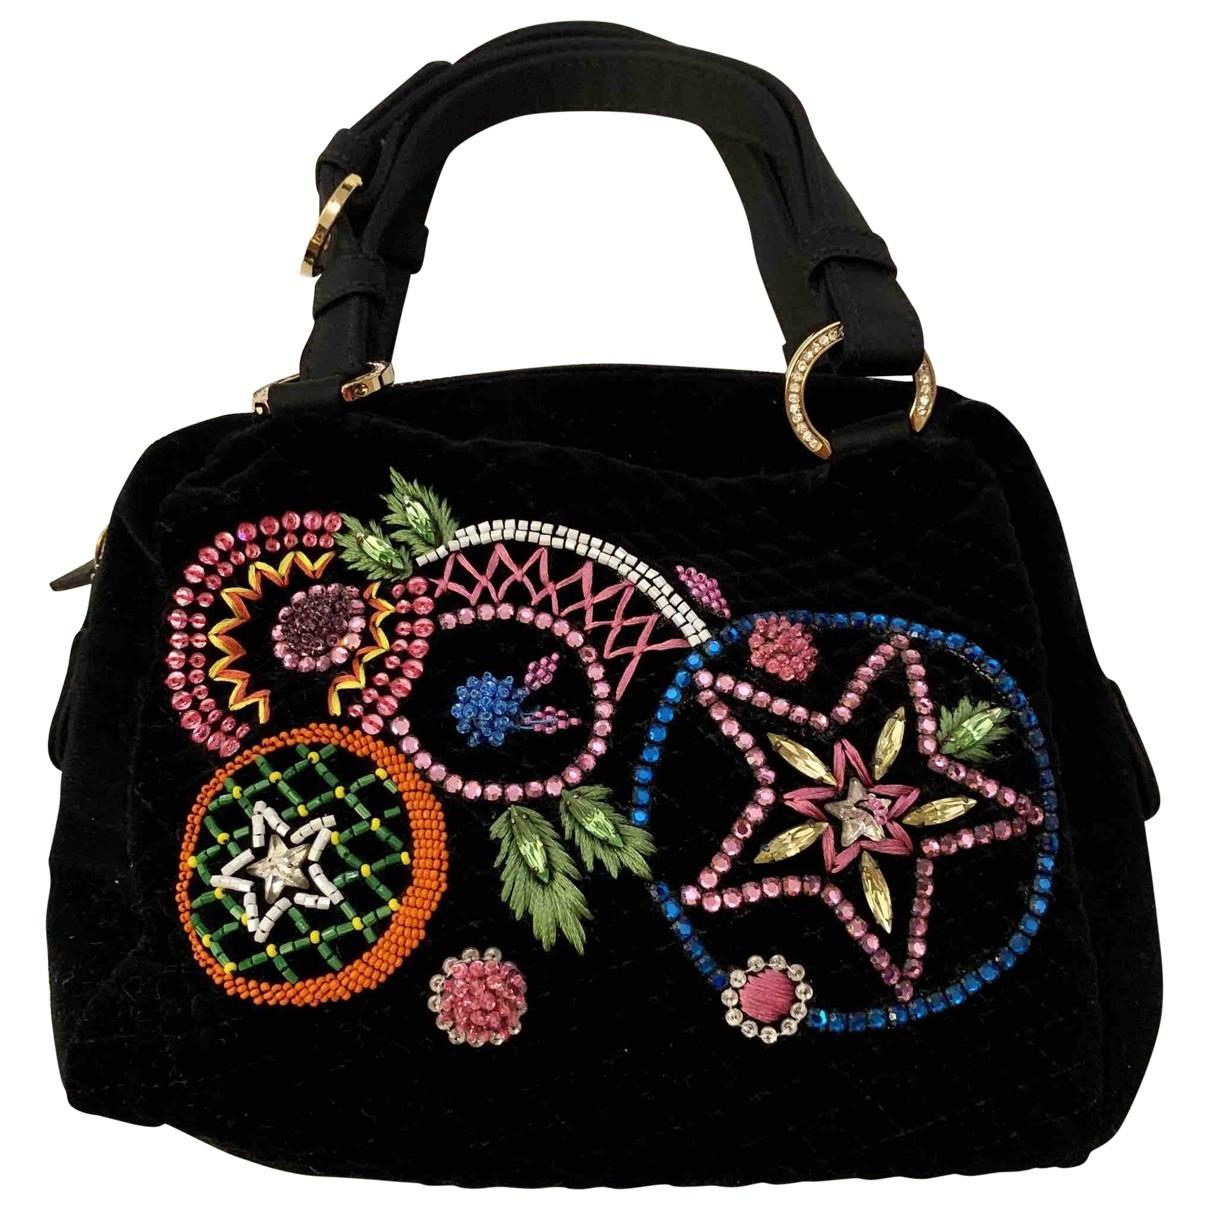 Gianni Versace \N Handtasche in  Schwarz Samt